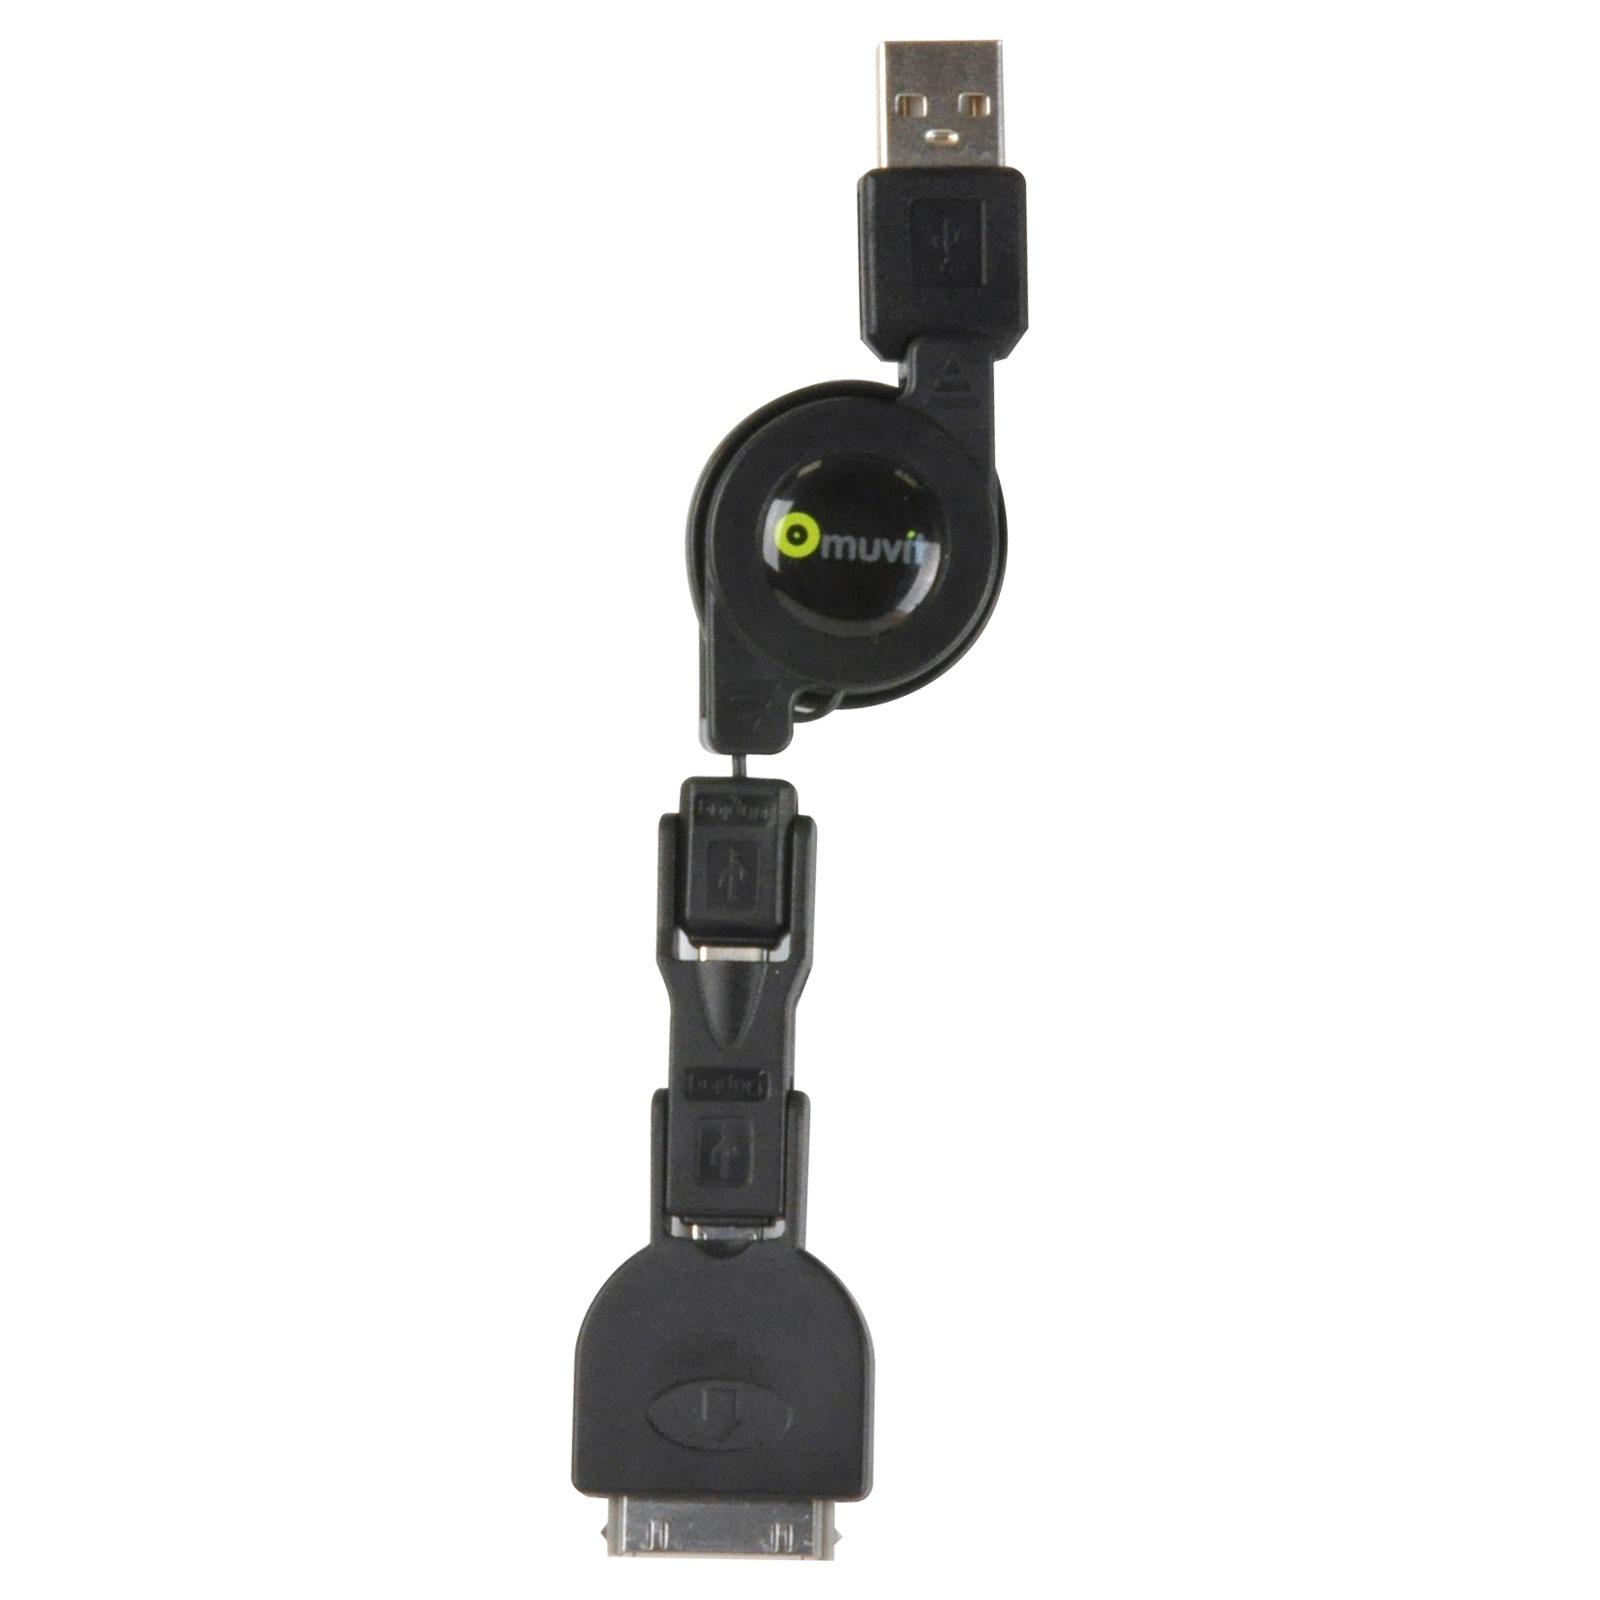 Câble & Adaptateur Muvit Triplug Triple câble Dock Connector vers USB avec enrouleur (pour iPod / iPhone / iPad)